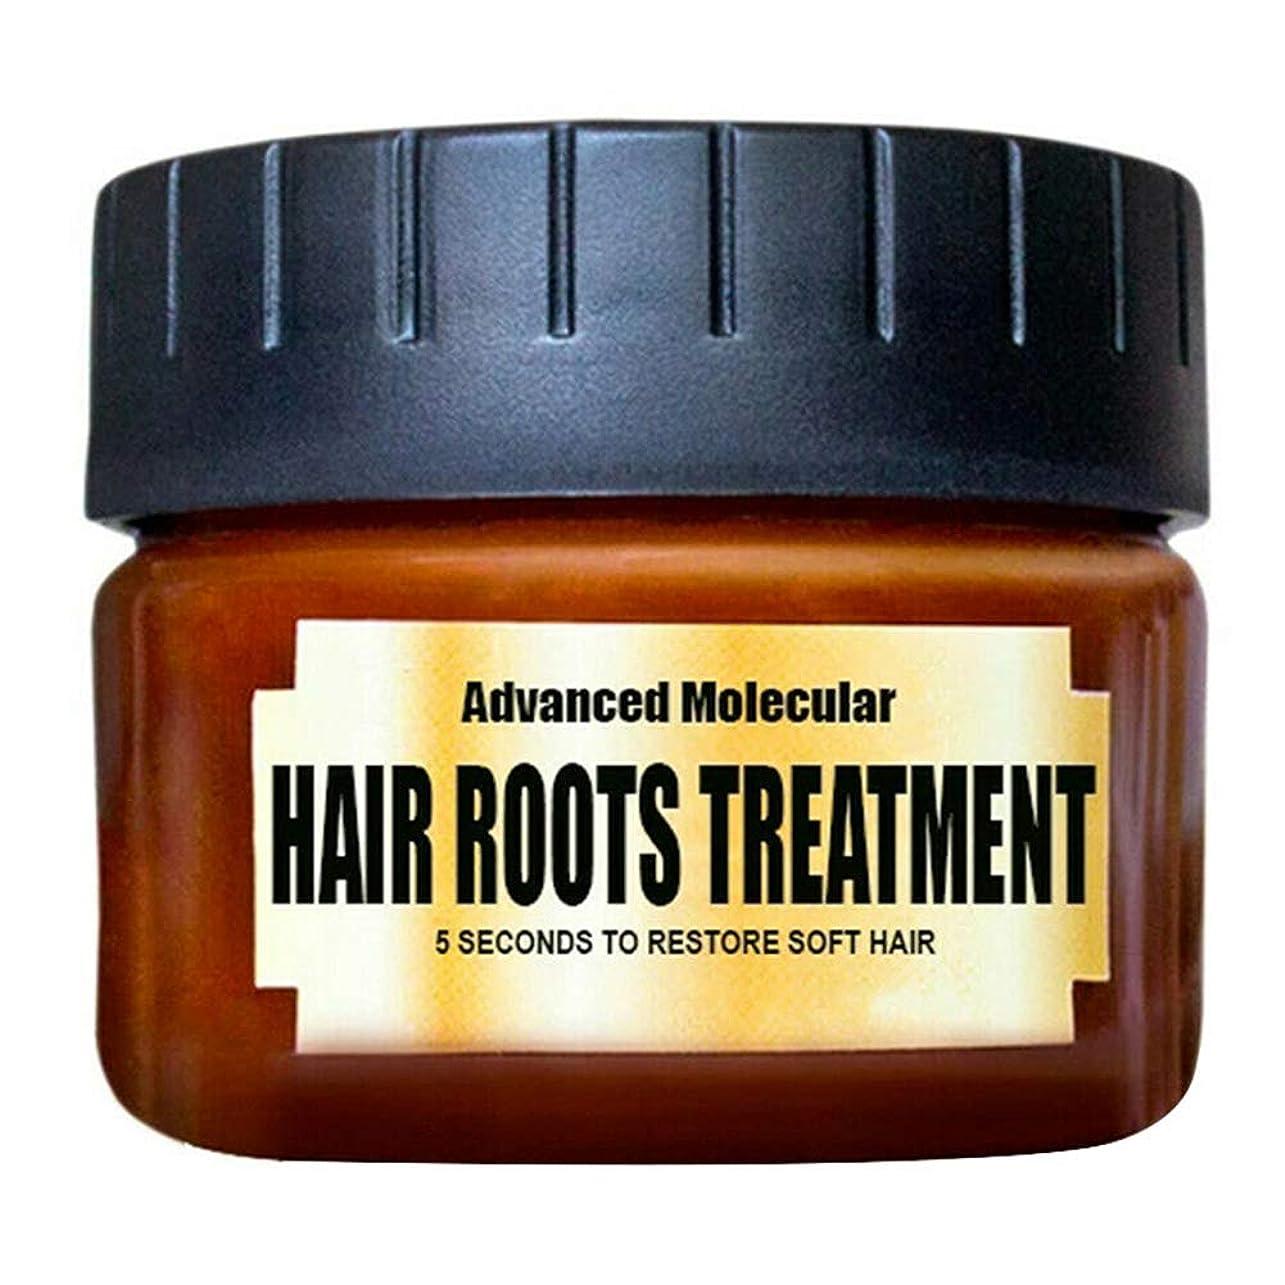 フラッシュのように素早く先予報BTFirst ヘアルーツトリートメント健康的なソフトヘアケアエッセンスを修復柔らかい髪を取り戻す弾力性を取り戻し健康を取り戻し効果的で便利